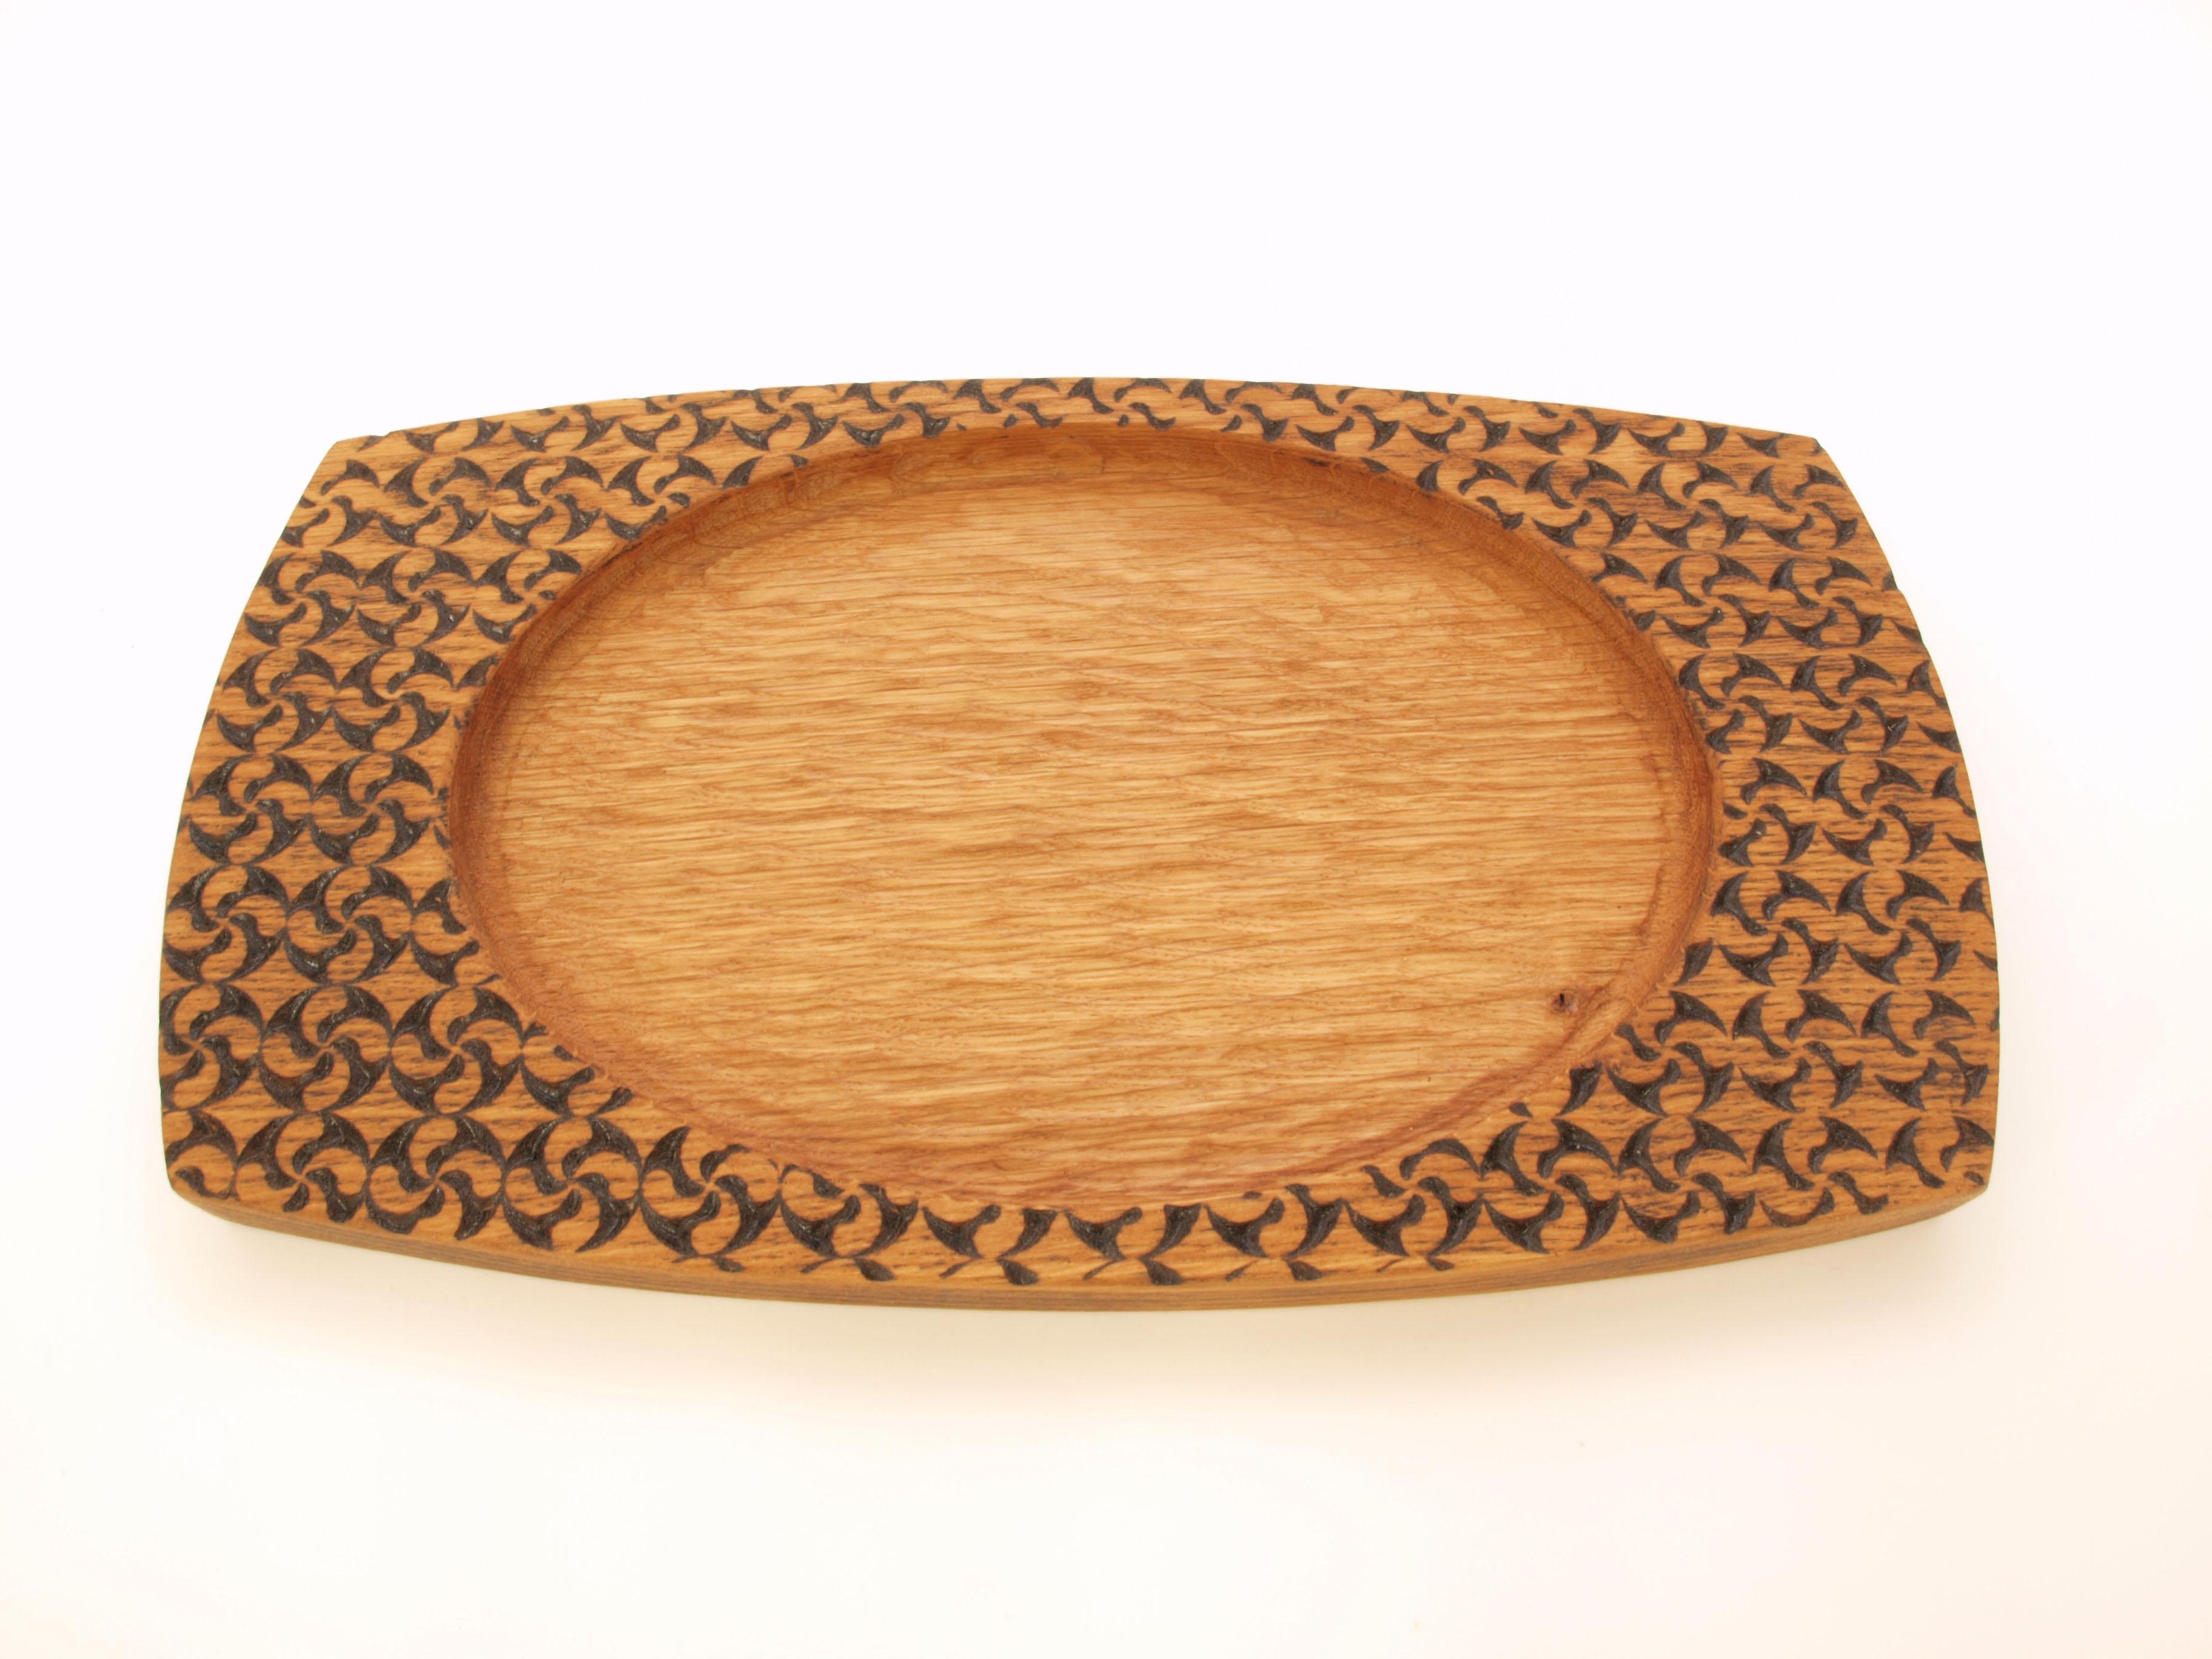 Bandeja tallada en madera de roble